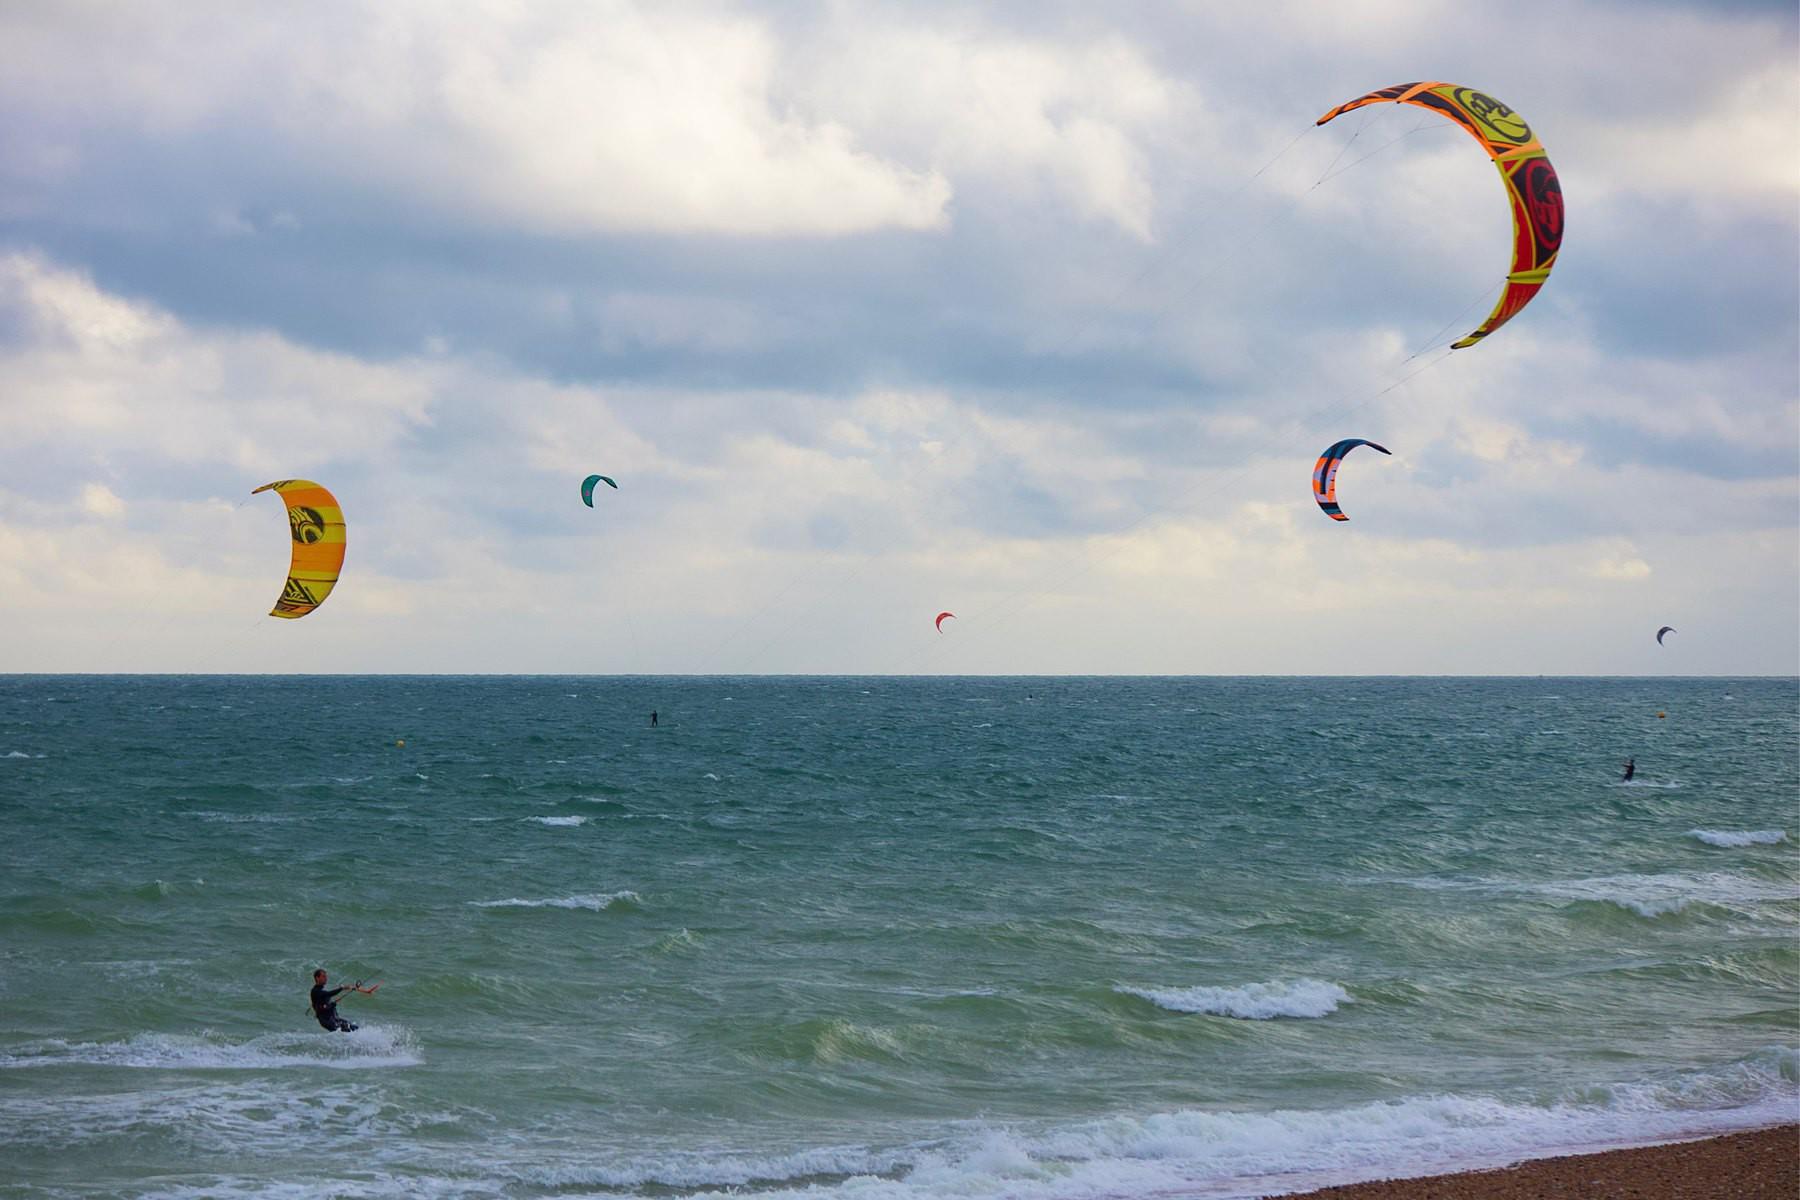 Kitesurfers in the sea off Shoreham Beach, West Sussex